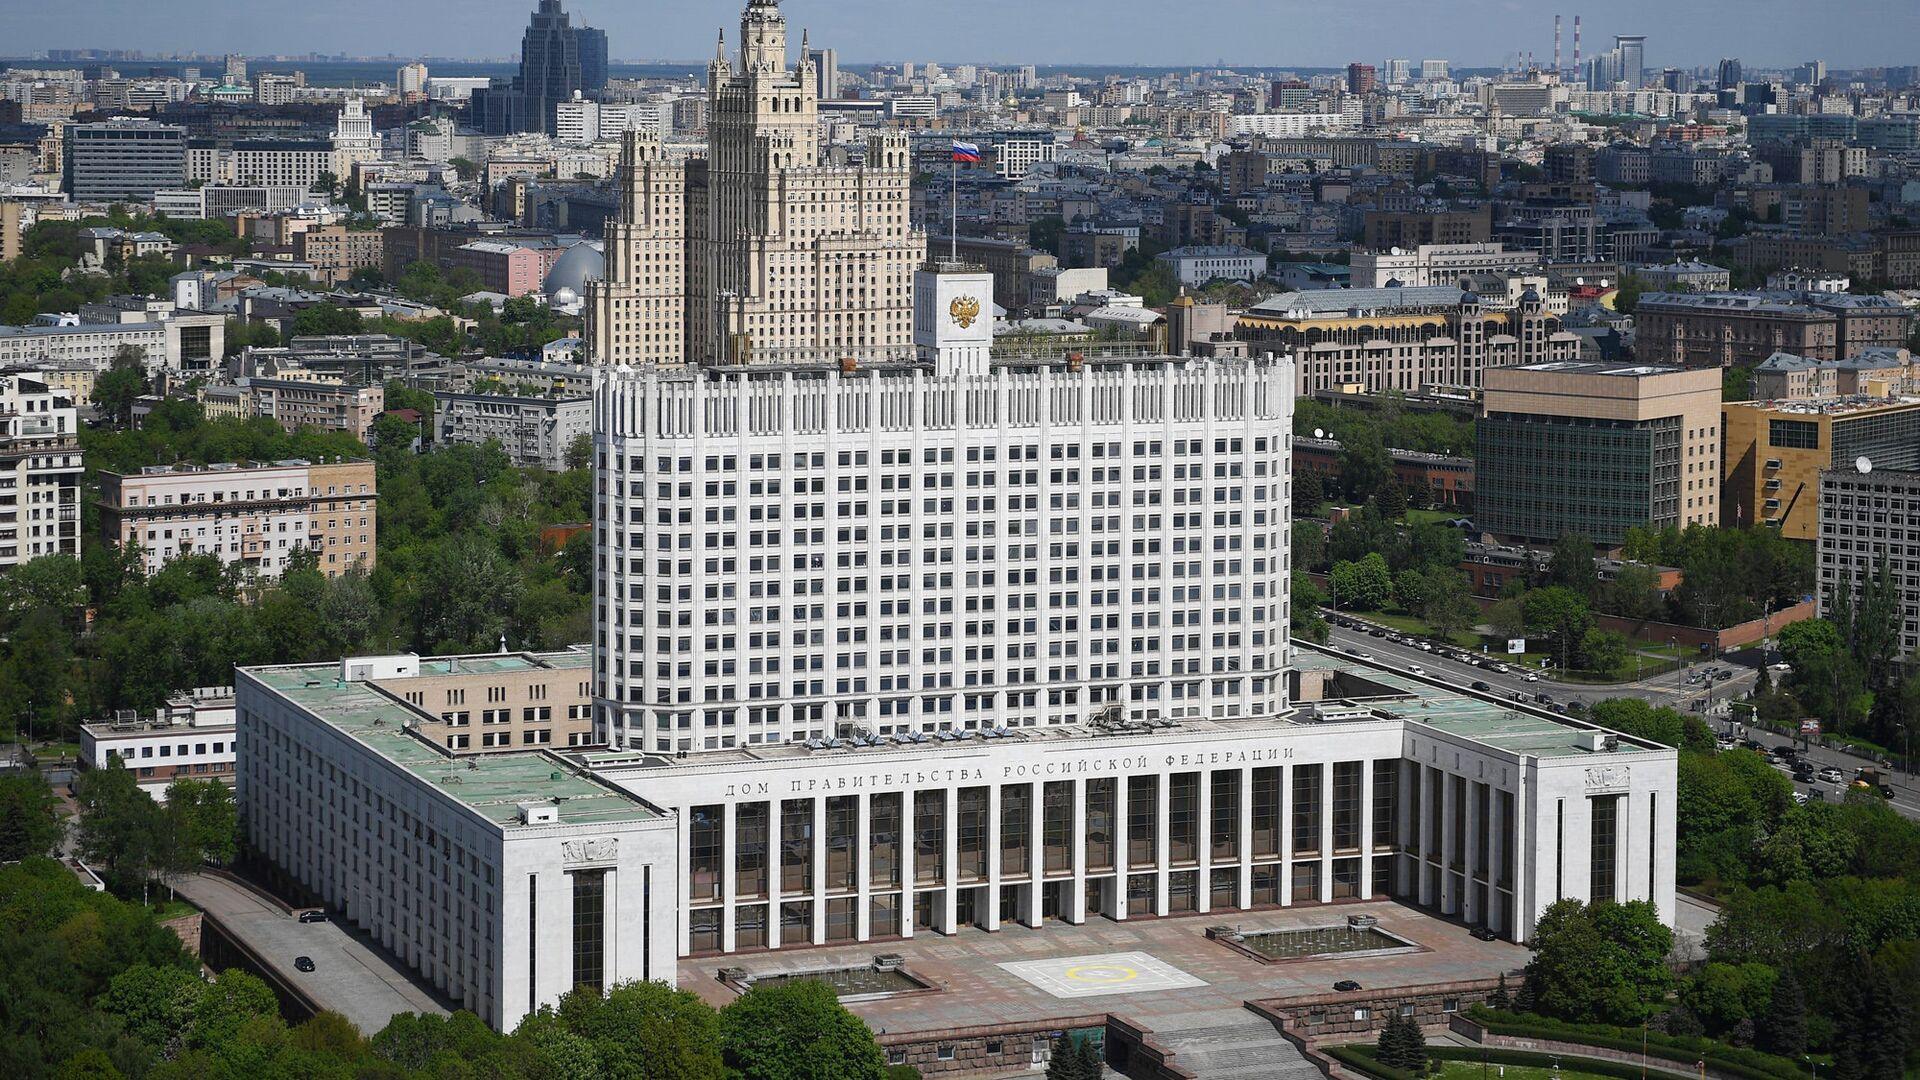 Дом Правительства РФ - РИА Новости, 1920, 25.09.2021